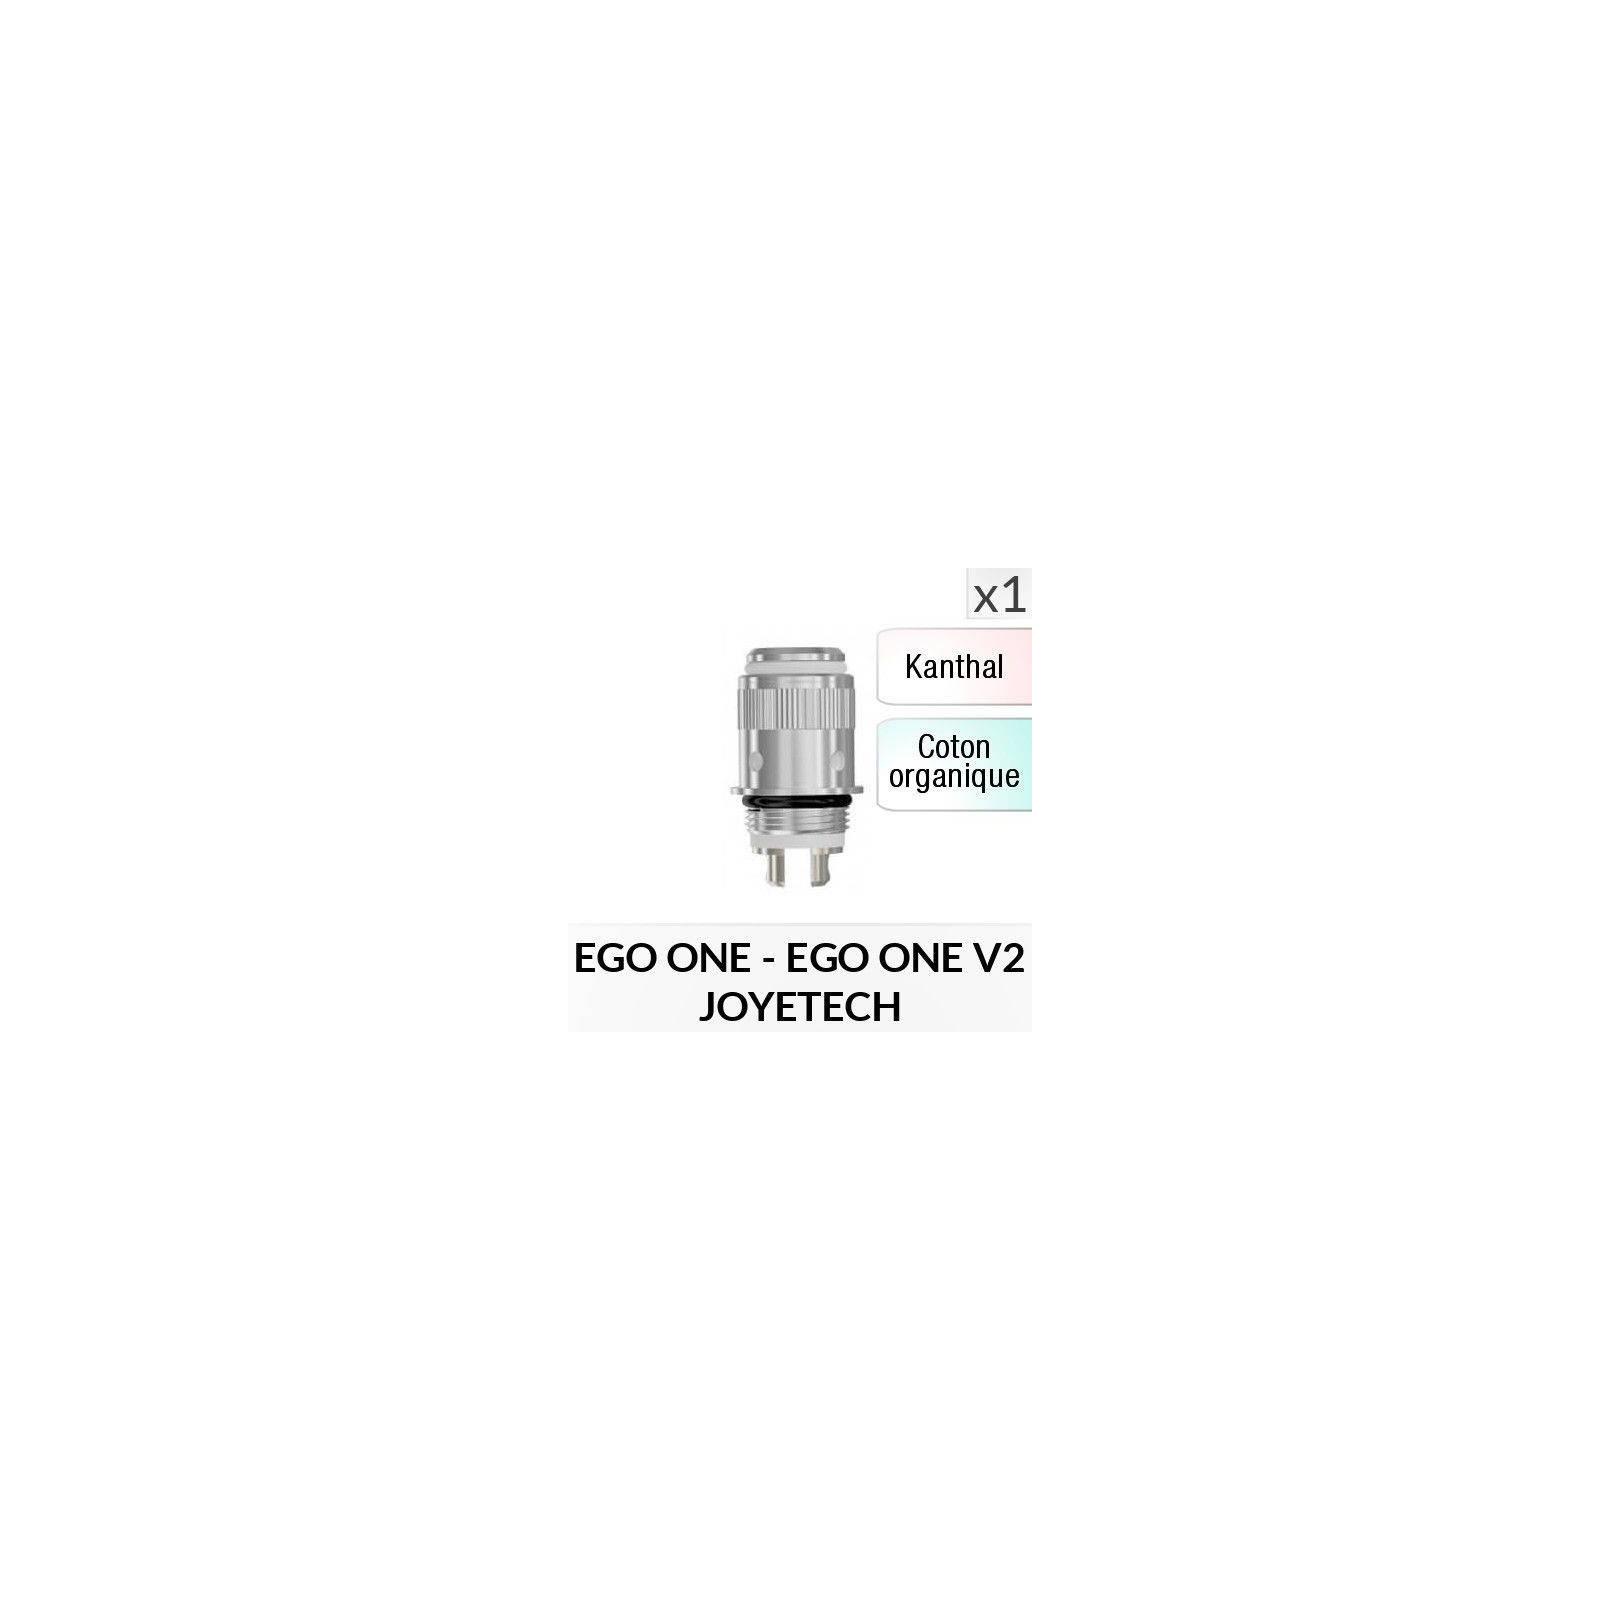 Résistance Ego One Kanthal - 1 Pièce - JOYETECH